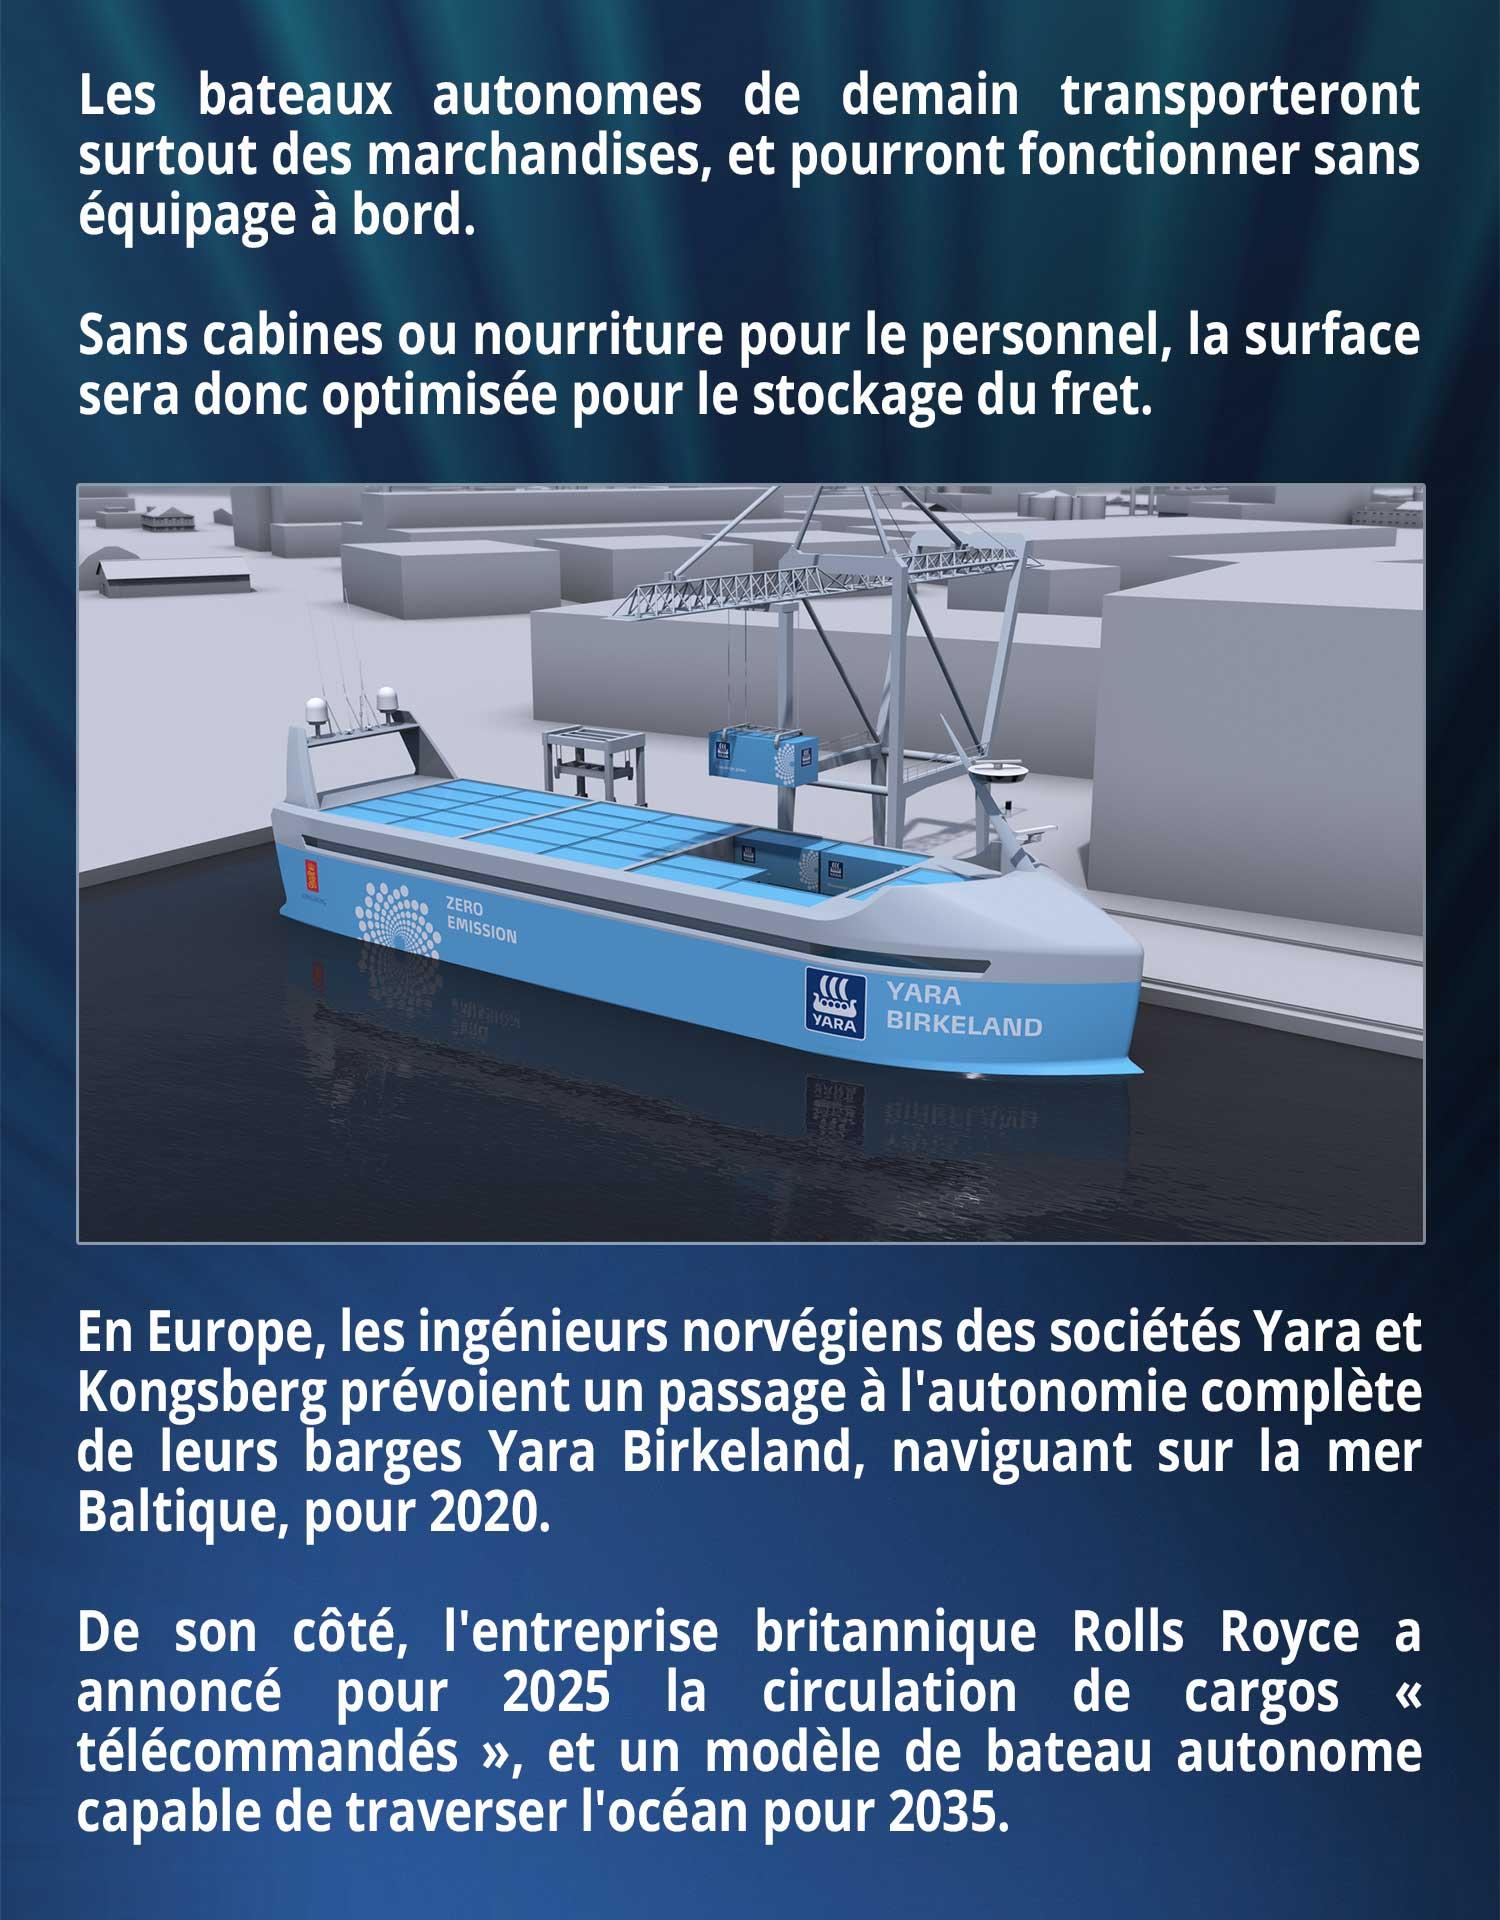 Les bateaux autonomes de demain transporteront surtout des marchandises, et pourront fonctionner sans équipage à bord. Sans cabines ou nourriture pour le personnel, la surface sera donc optimisée pour le stockage du fret. En Europe, les ingénieurs norvégiens des sociétés Yara et Kongsberg prévoient un passage à l'autonomie complète de leurs barges Yara Birkeland, naviguant sur la mer Baltique, pour 2020. De son côté, l'entreprise britannique Rolls Royce a annoncé pour 2025 la circulation de cargos « télécommandés », et un modèle de bateau autonome capable de traverser l'océan pour 2035.